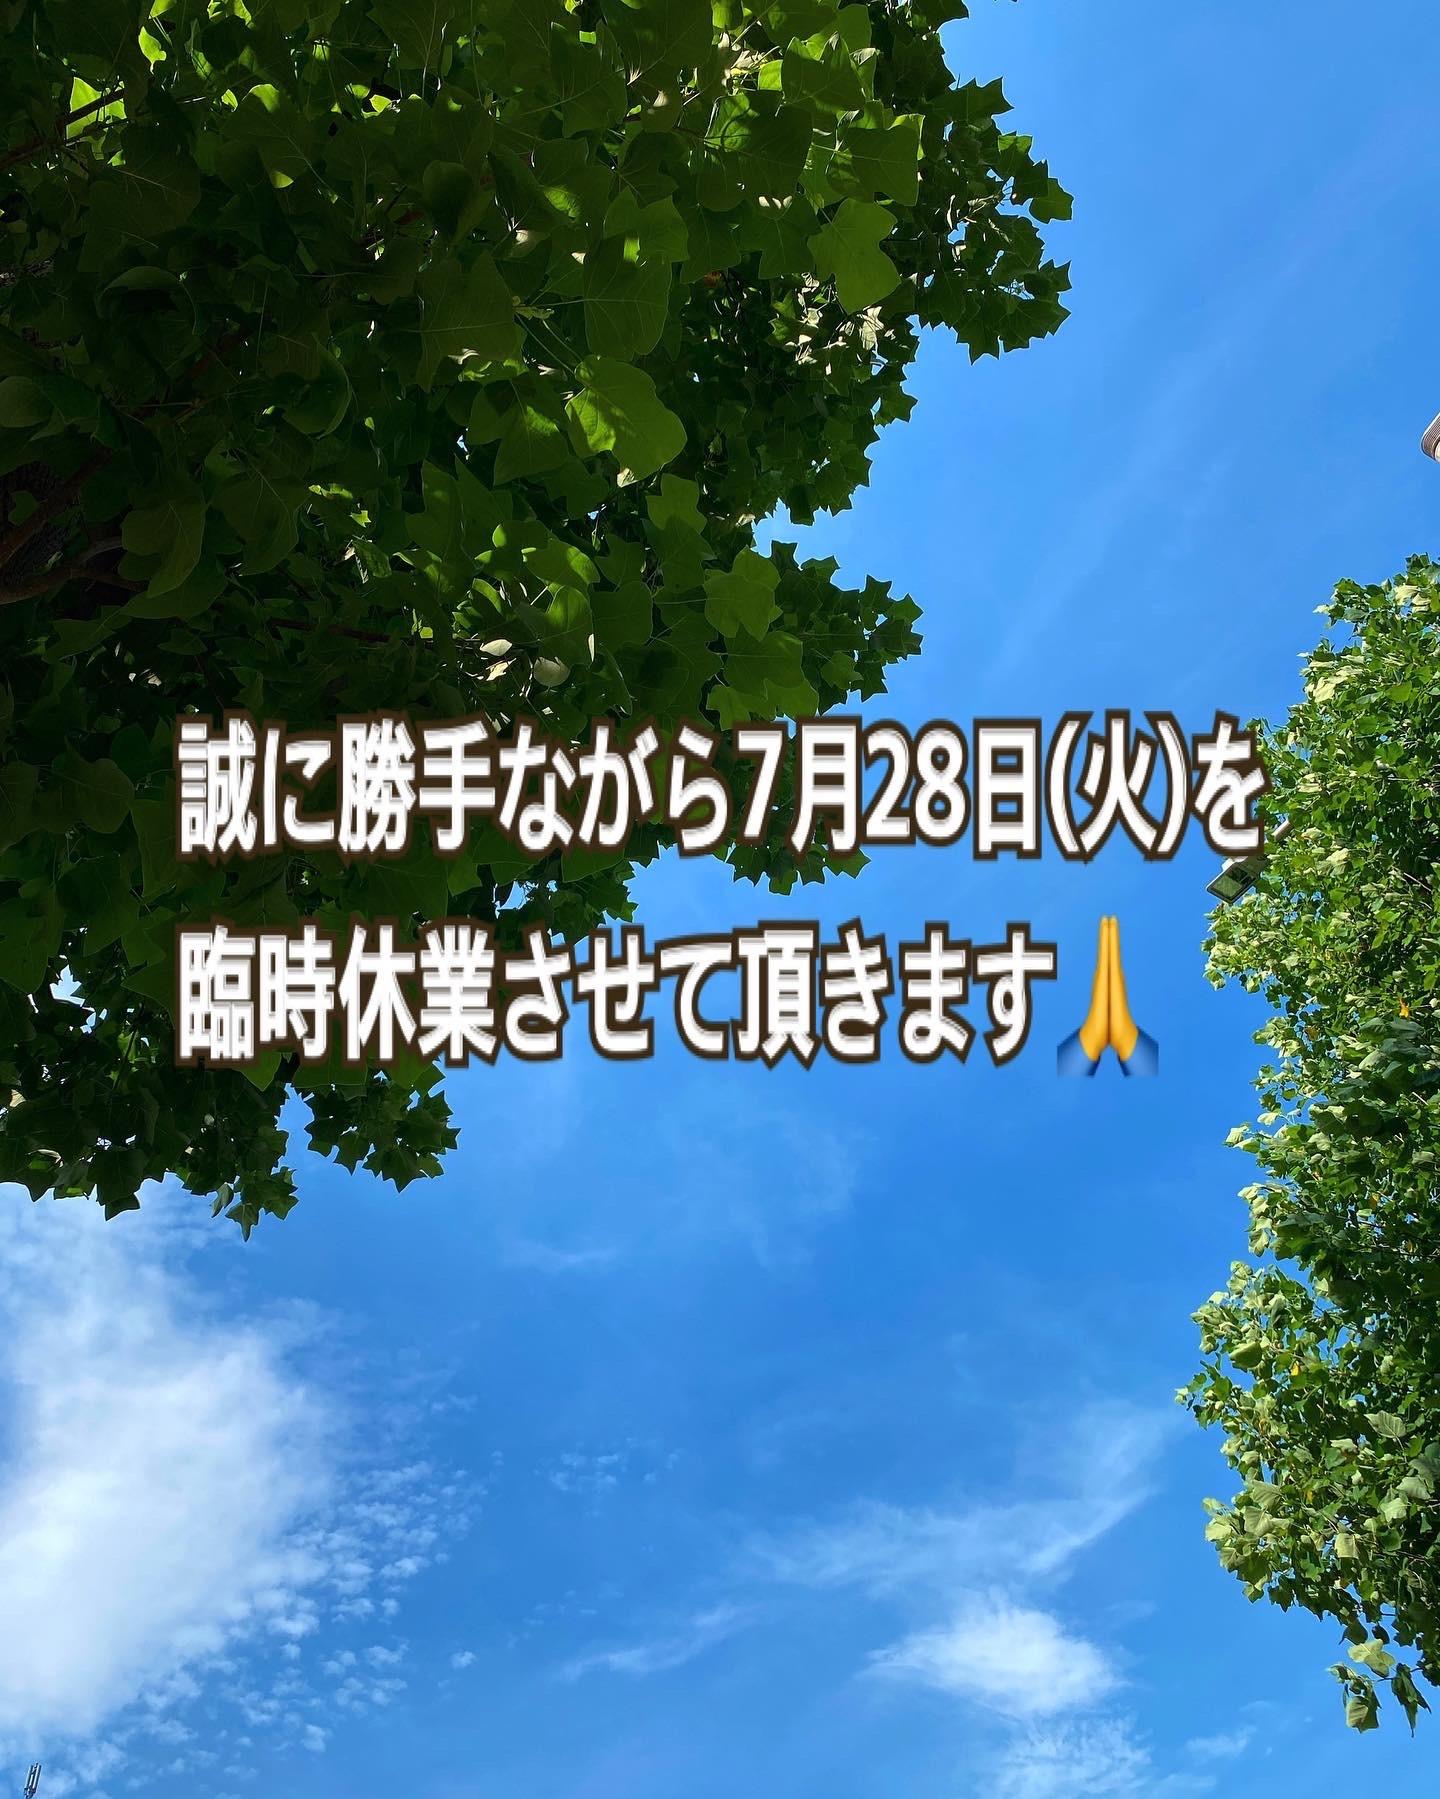 臨時休業のお知らせ_e0295937_10440789.jpeg